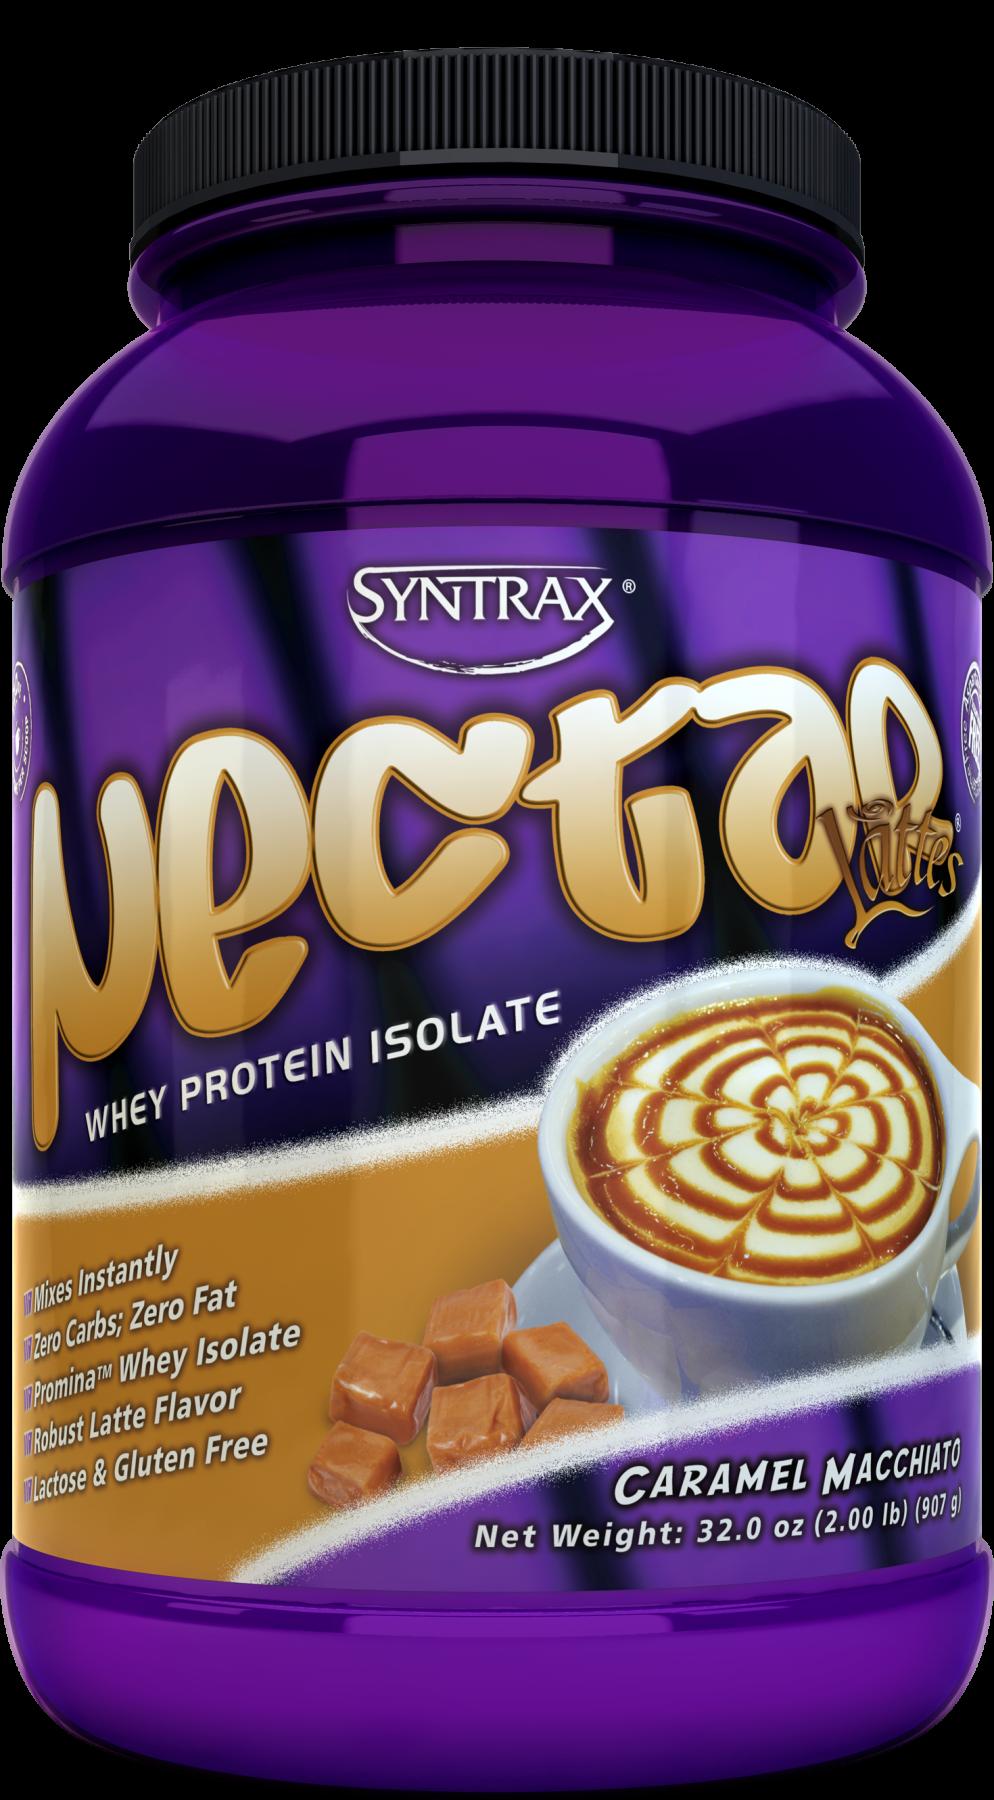 Syntrax Nectar Apple Caramel